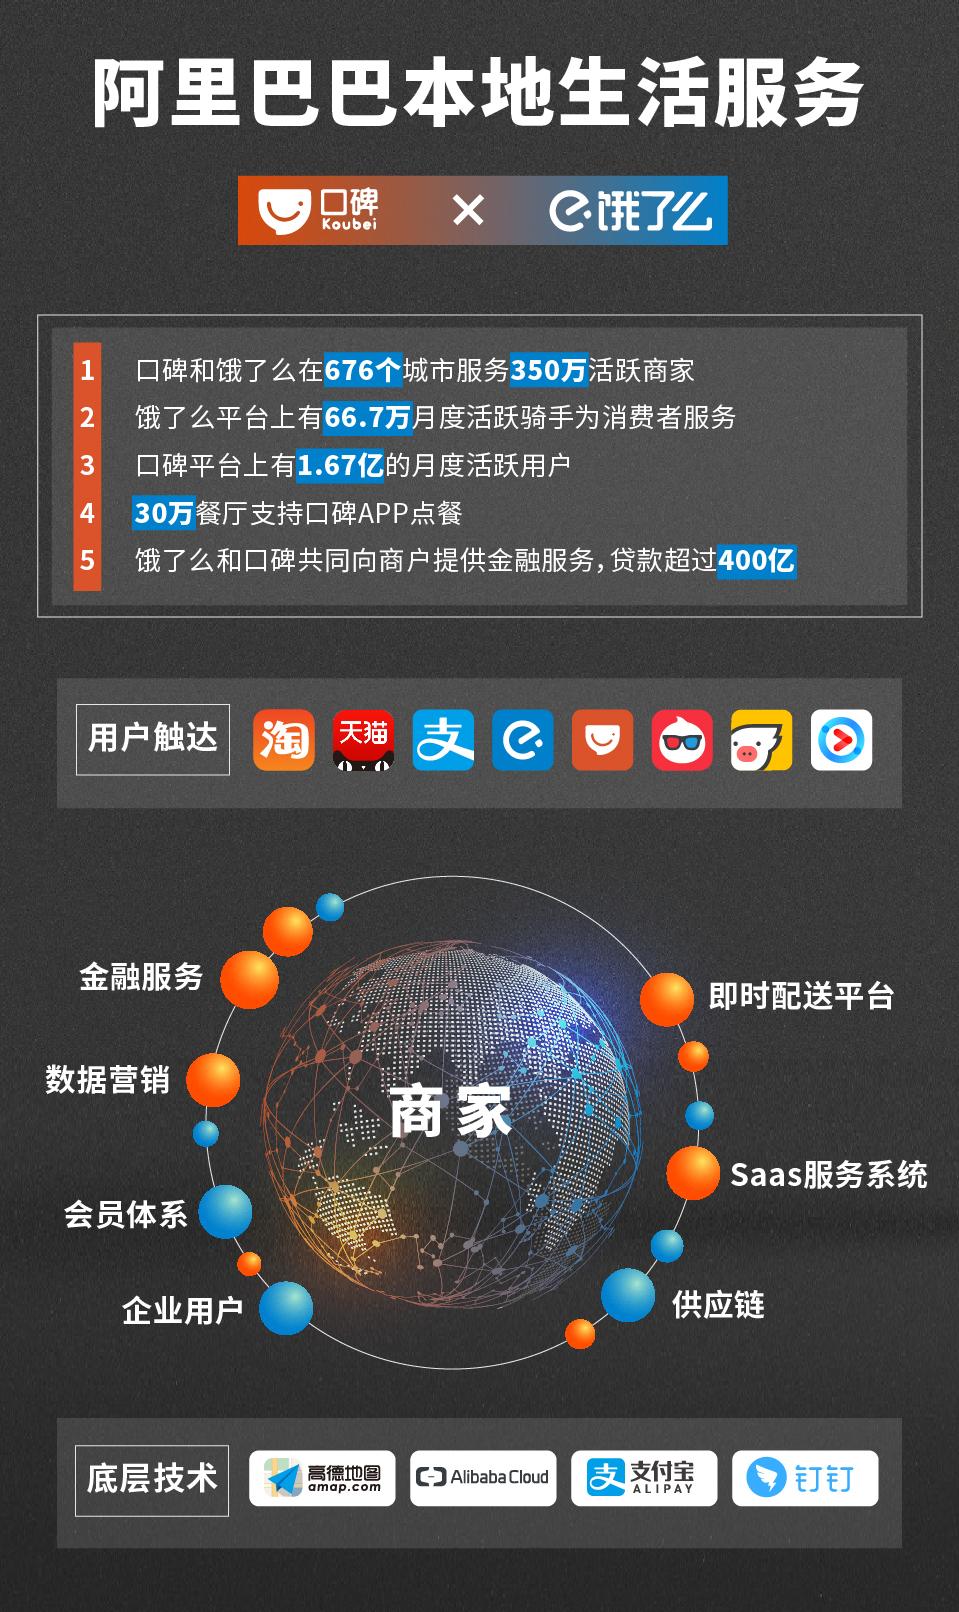 macintosh hd:Users:guoli:Desktop:1012传播:本地生活服务-竖版-01.jpg